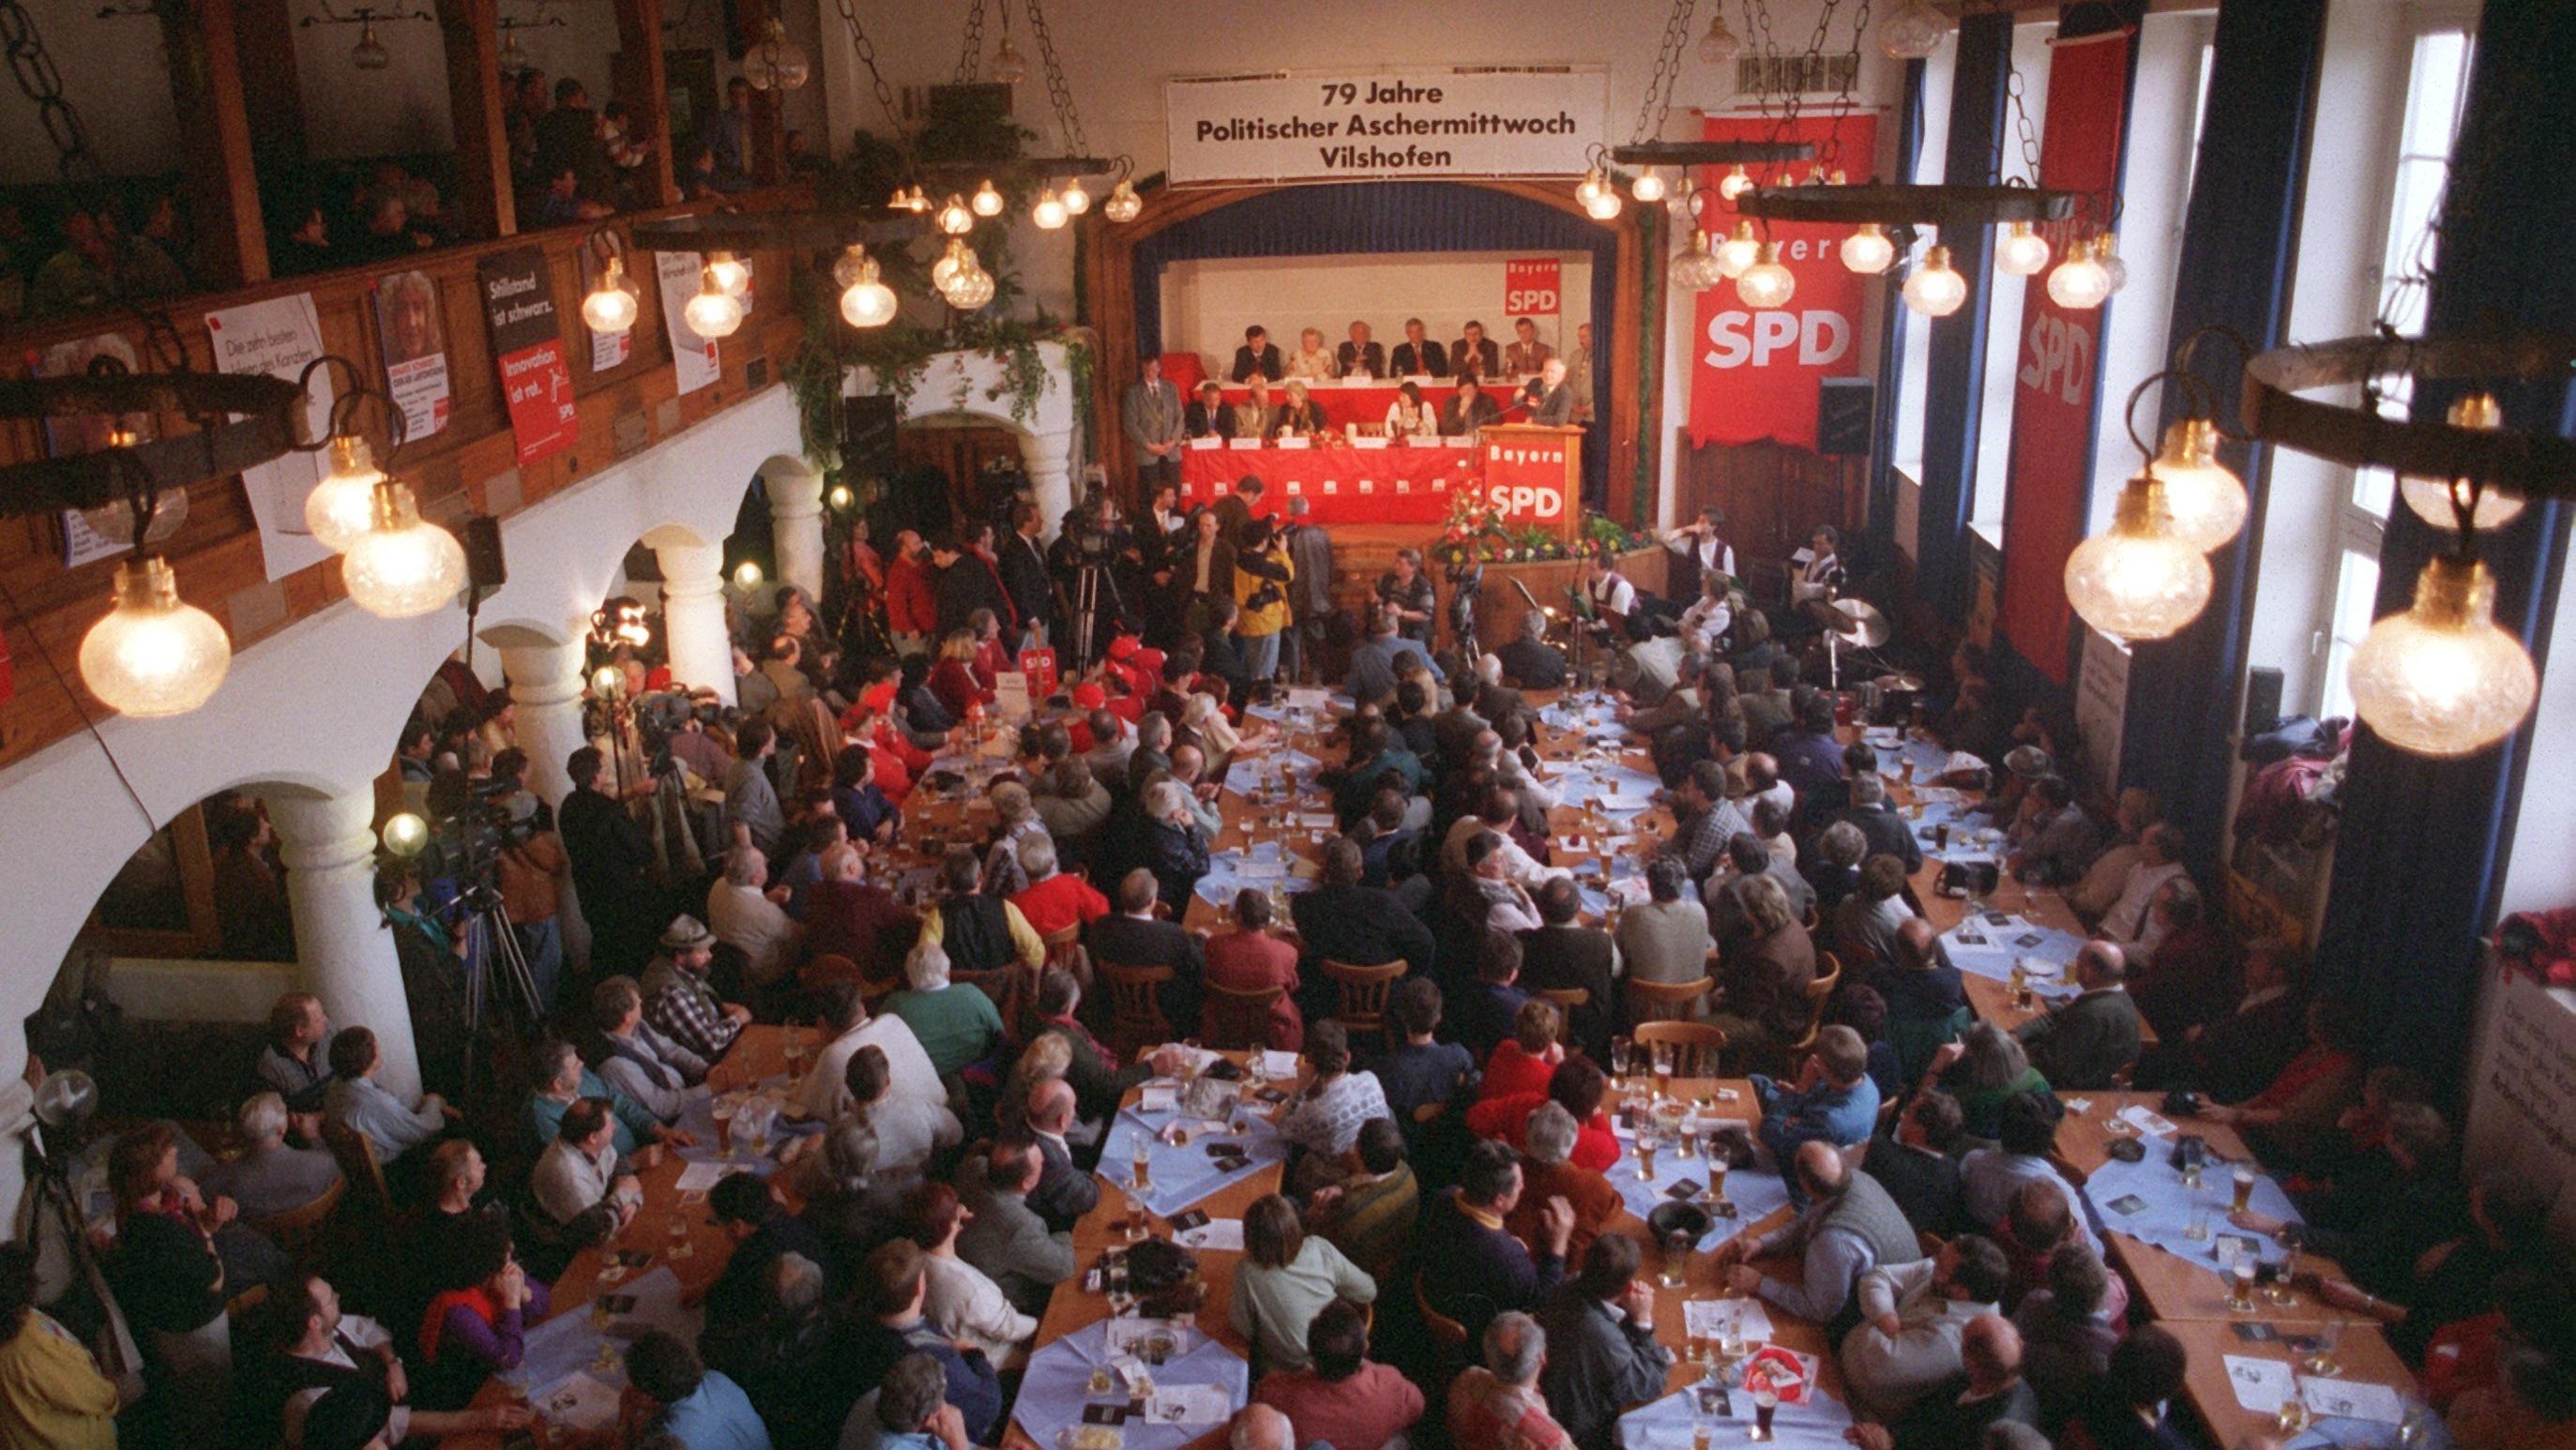 1998: Blick in den Wolferstetter Keller während des Politischen Aschermittwoch der SPD in Vilshofen